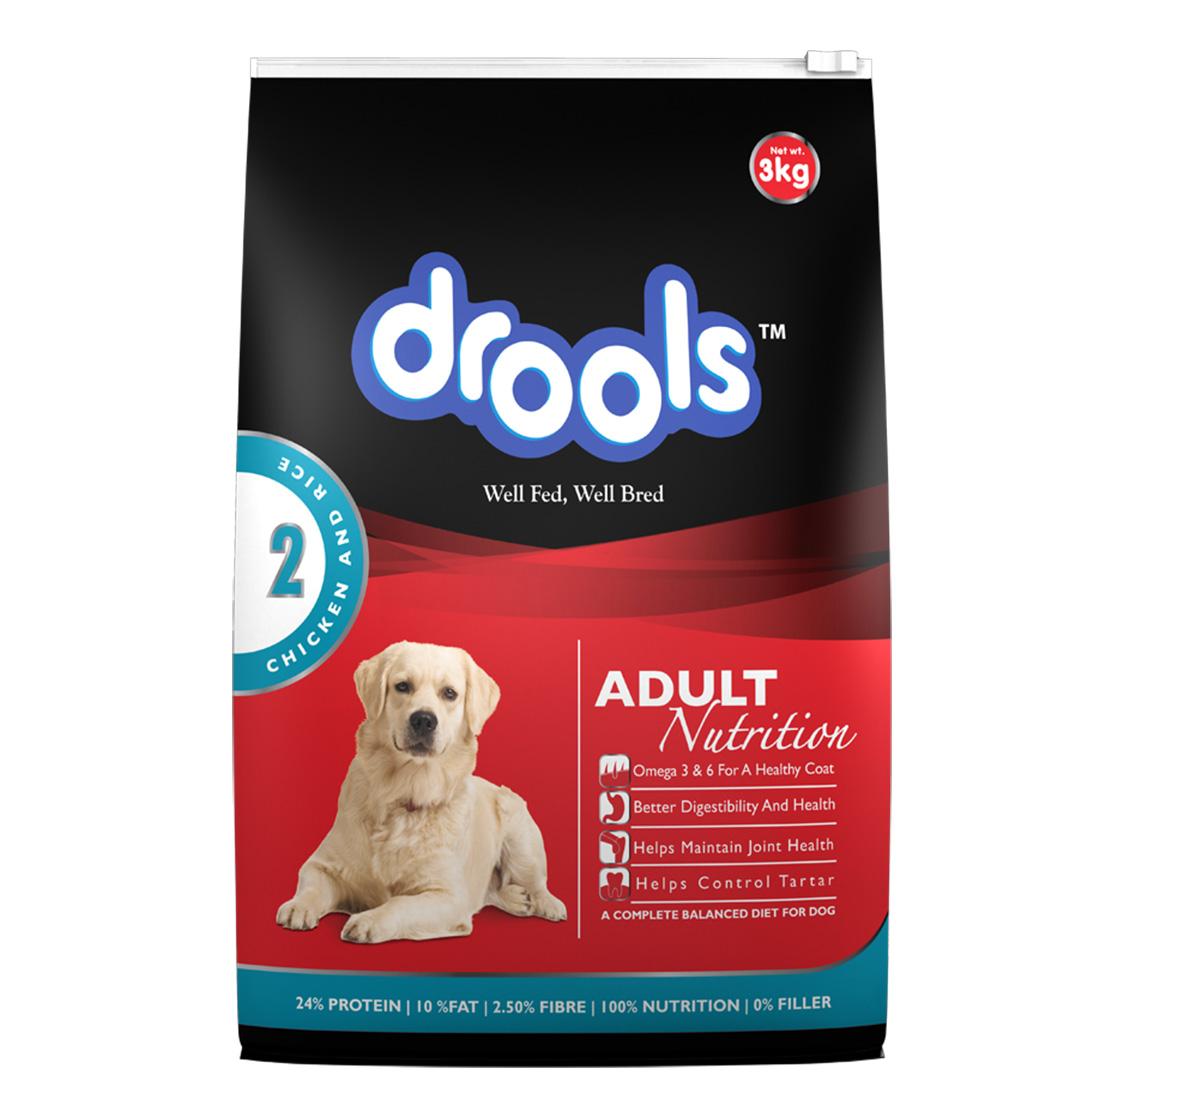 Drools Dog Food Online Shop